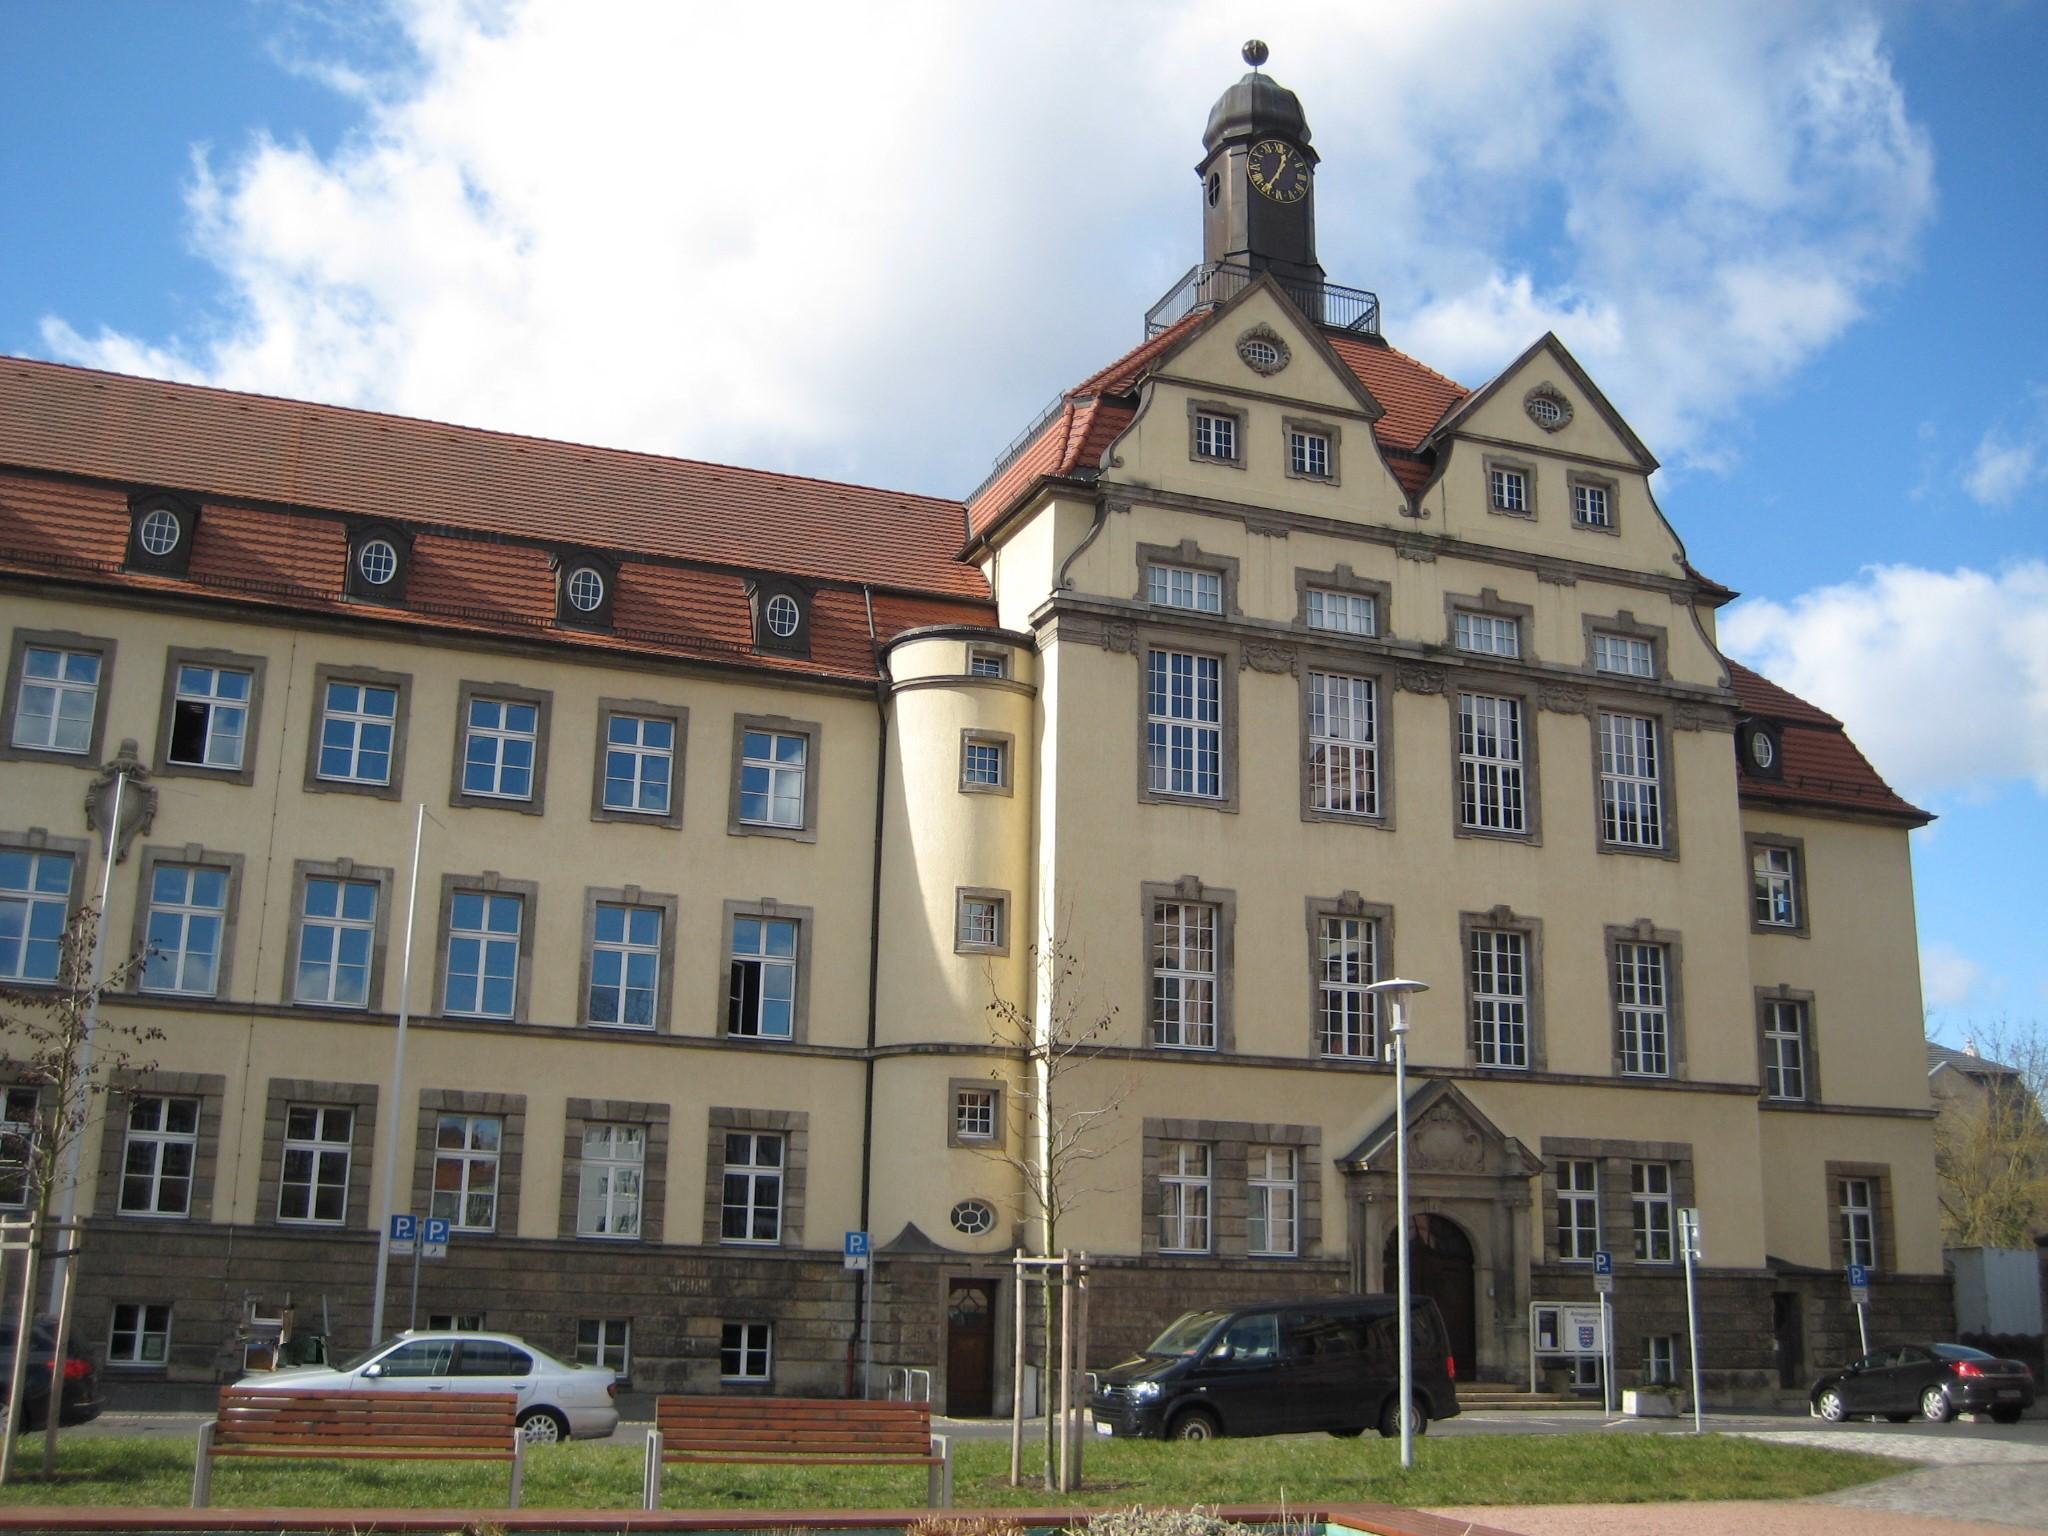 [Bild] Gebäudeansicht Amtsgericht Eisenach